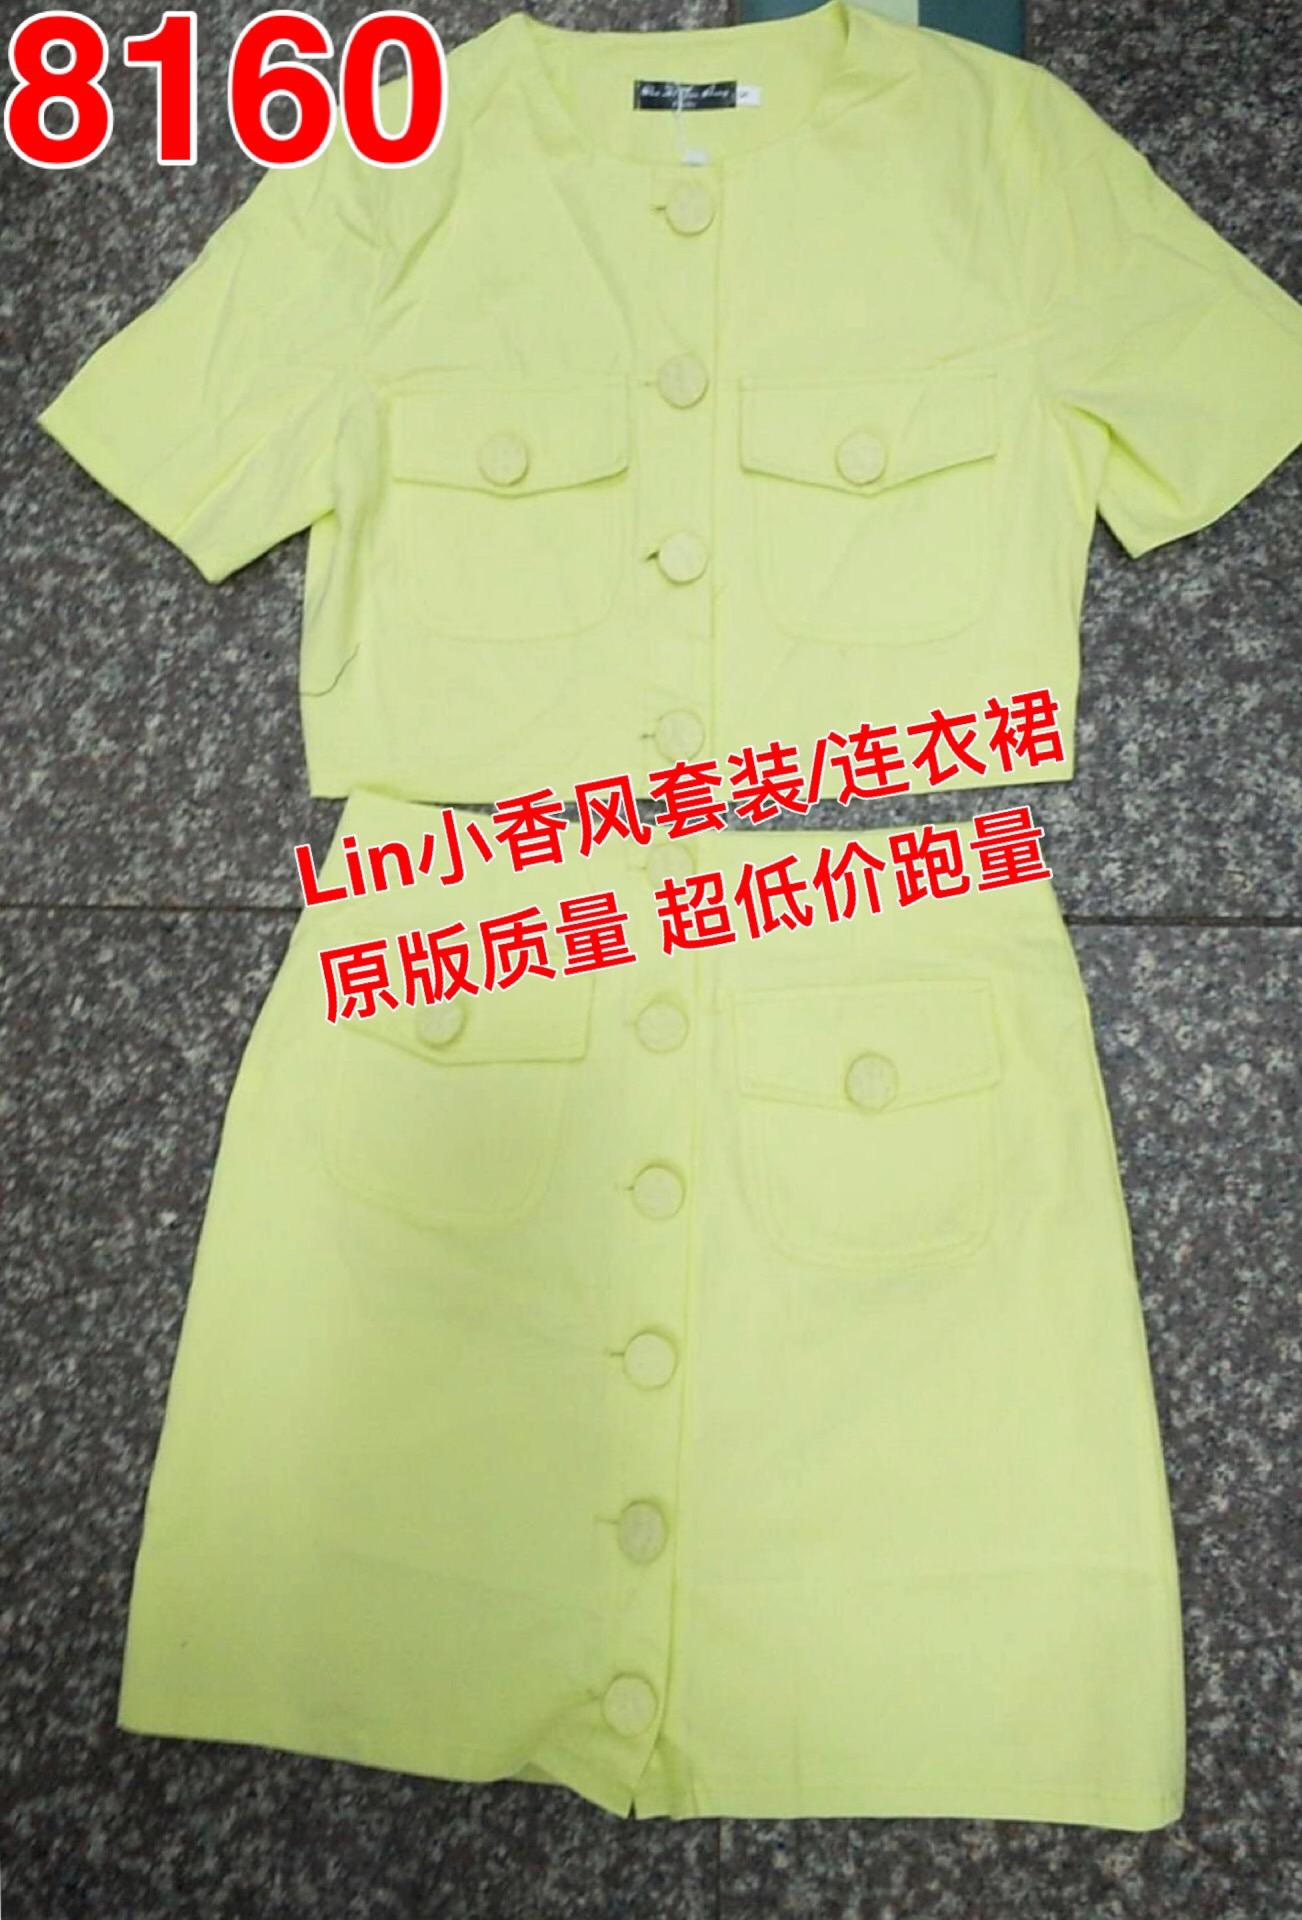 LIN CHAO ZHANG DU家定制黄色小香风套装上衣+半身裙+OL风连衣裙